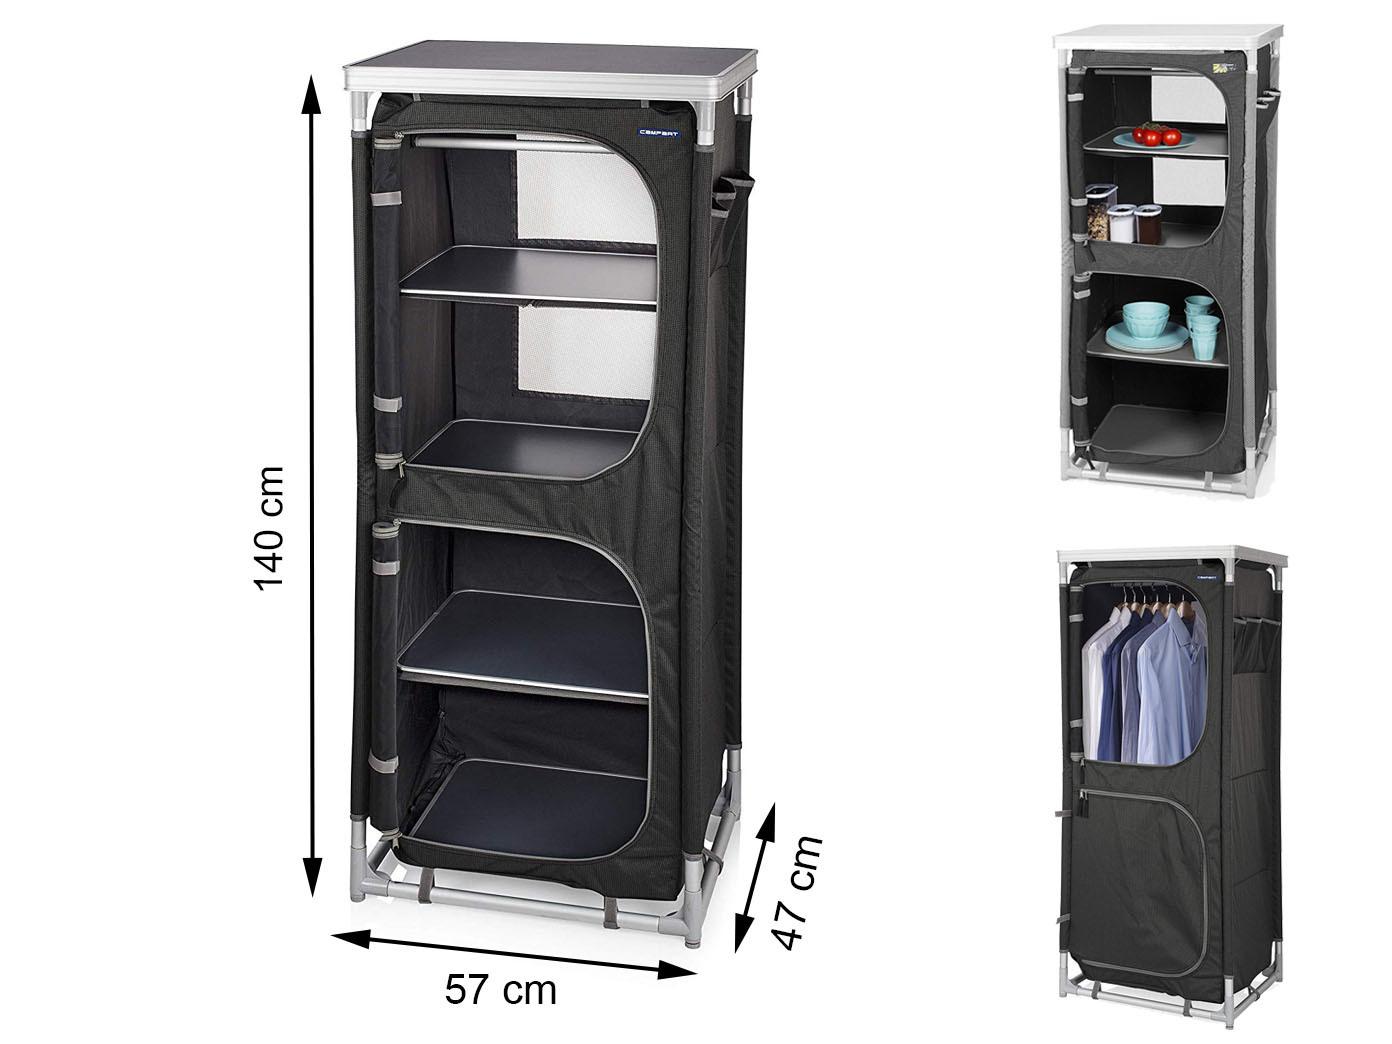 Outdoor Kleiderschrank, faltbar/tragbar Alu-Rahmen, 4 verstellbare ...